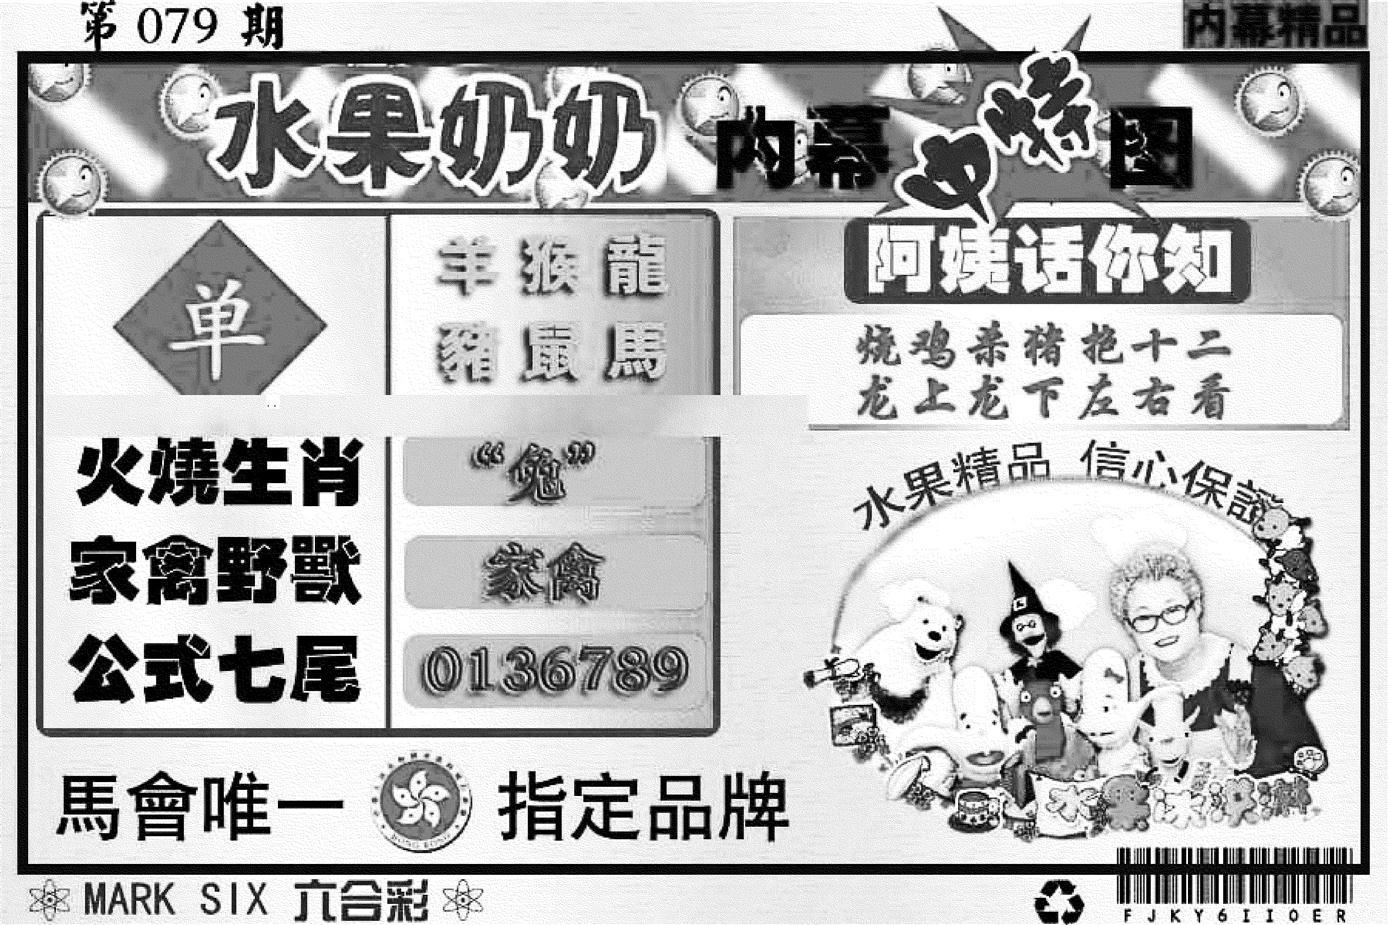 079期水果奶奶内幕(黑白)